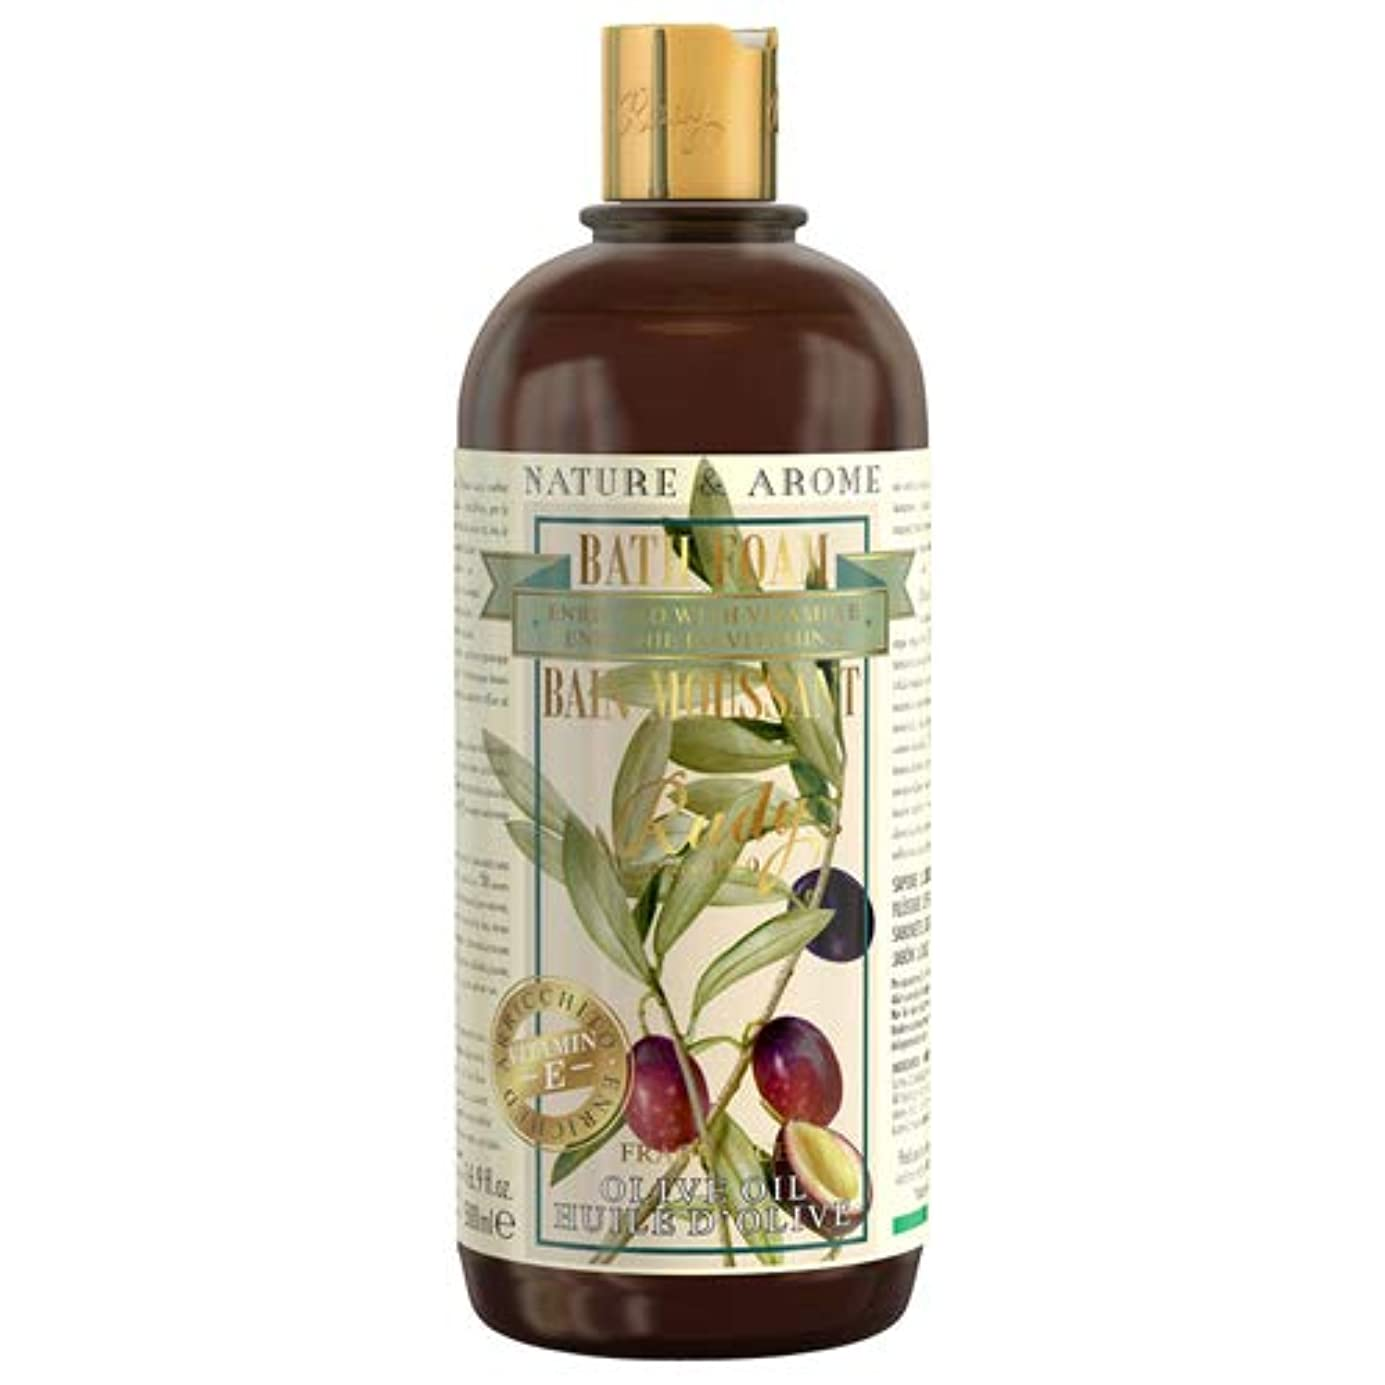 おんどり未満荷物RUDY Nature&Arome Apothecary ネイチャーアロマ アポセカリー Bath & Shower Gel バス&シャワージェル Olive Oil オリーブオイル